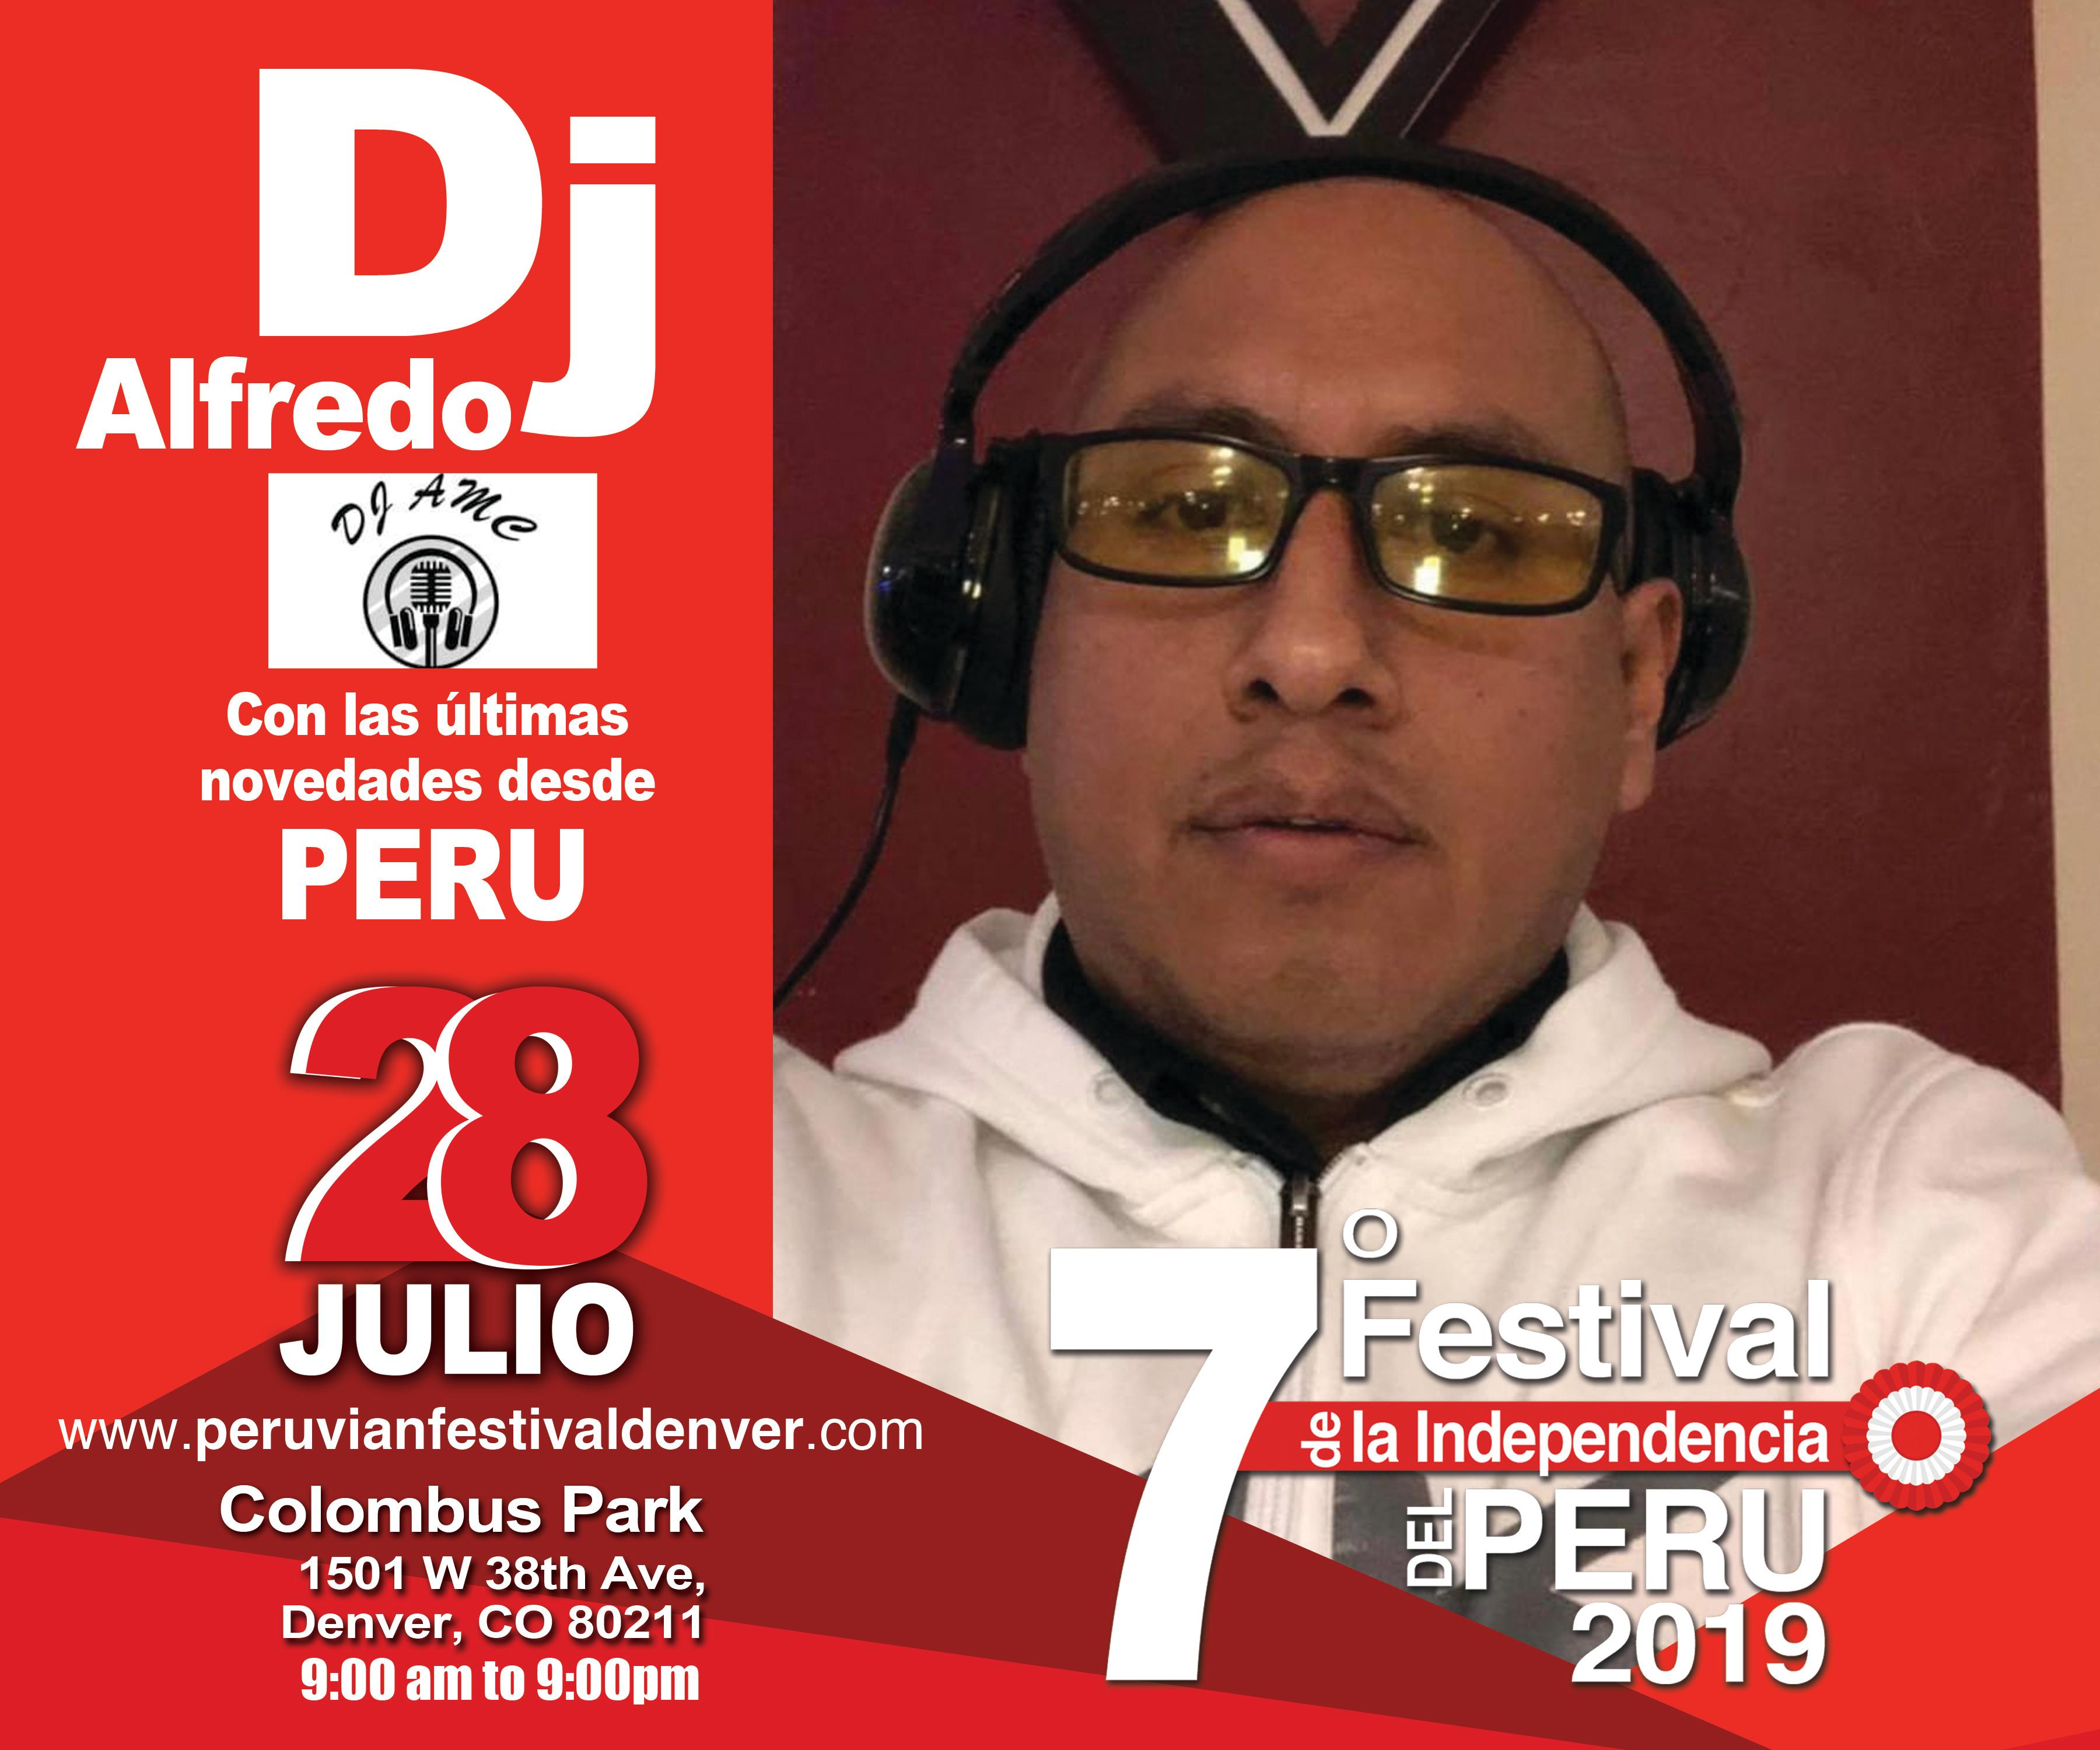 dj-alfredo